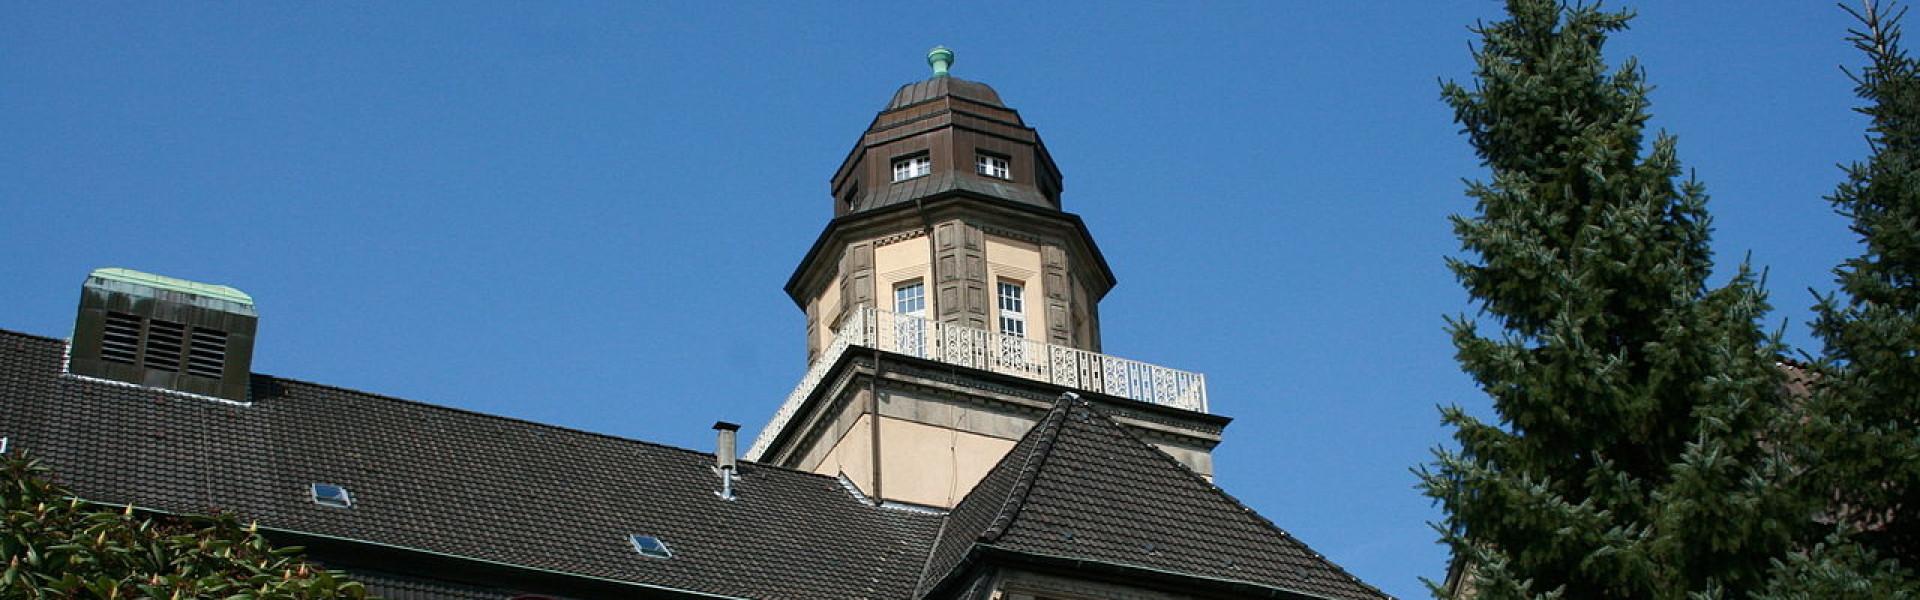 Altschüler der Goetheschule Essen